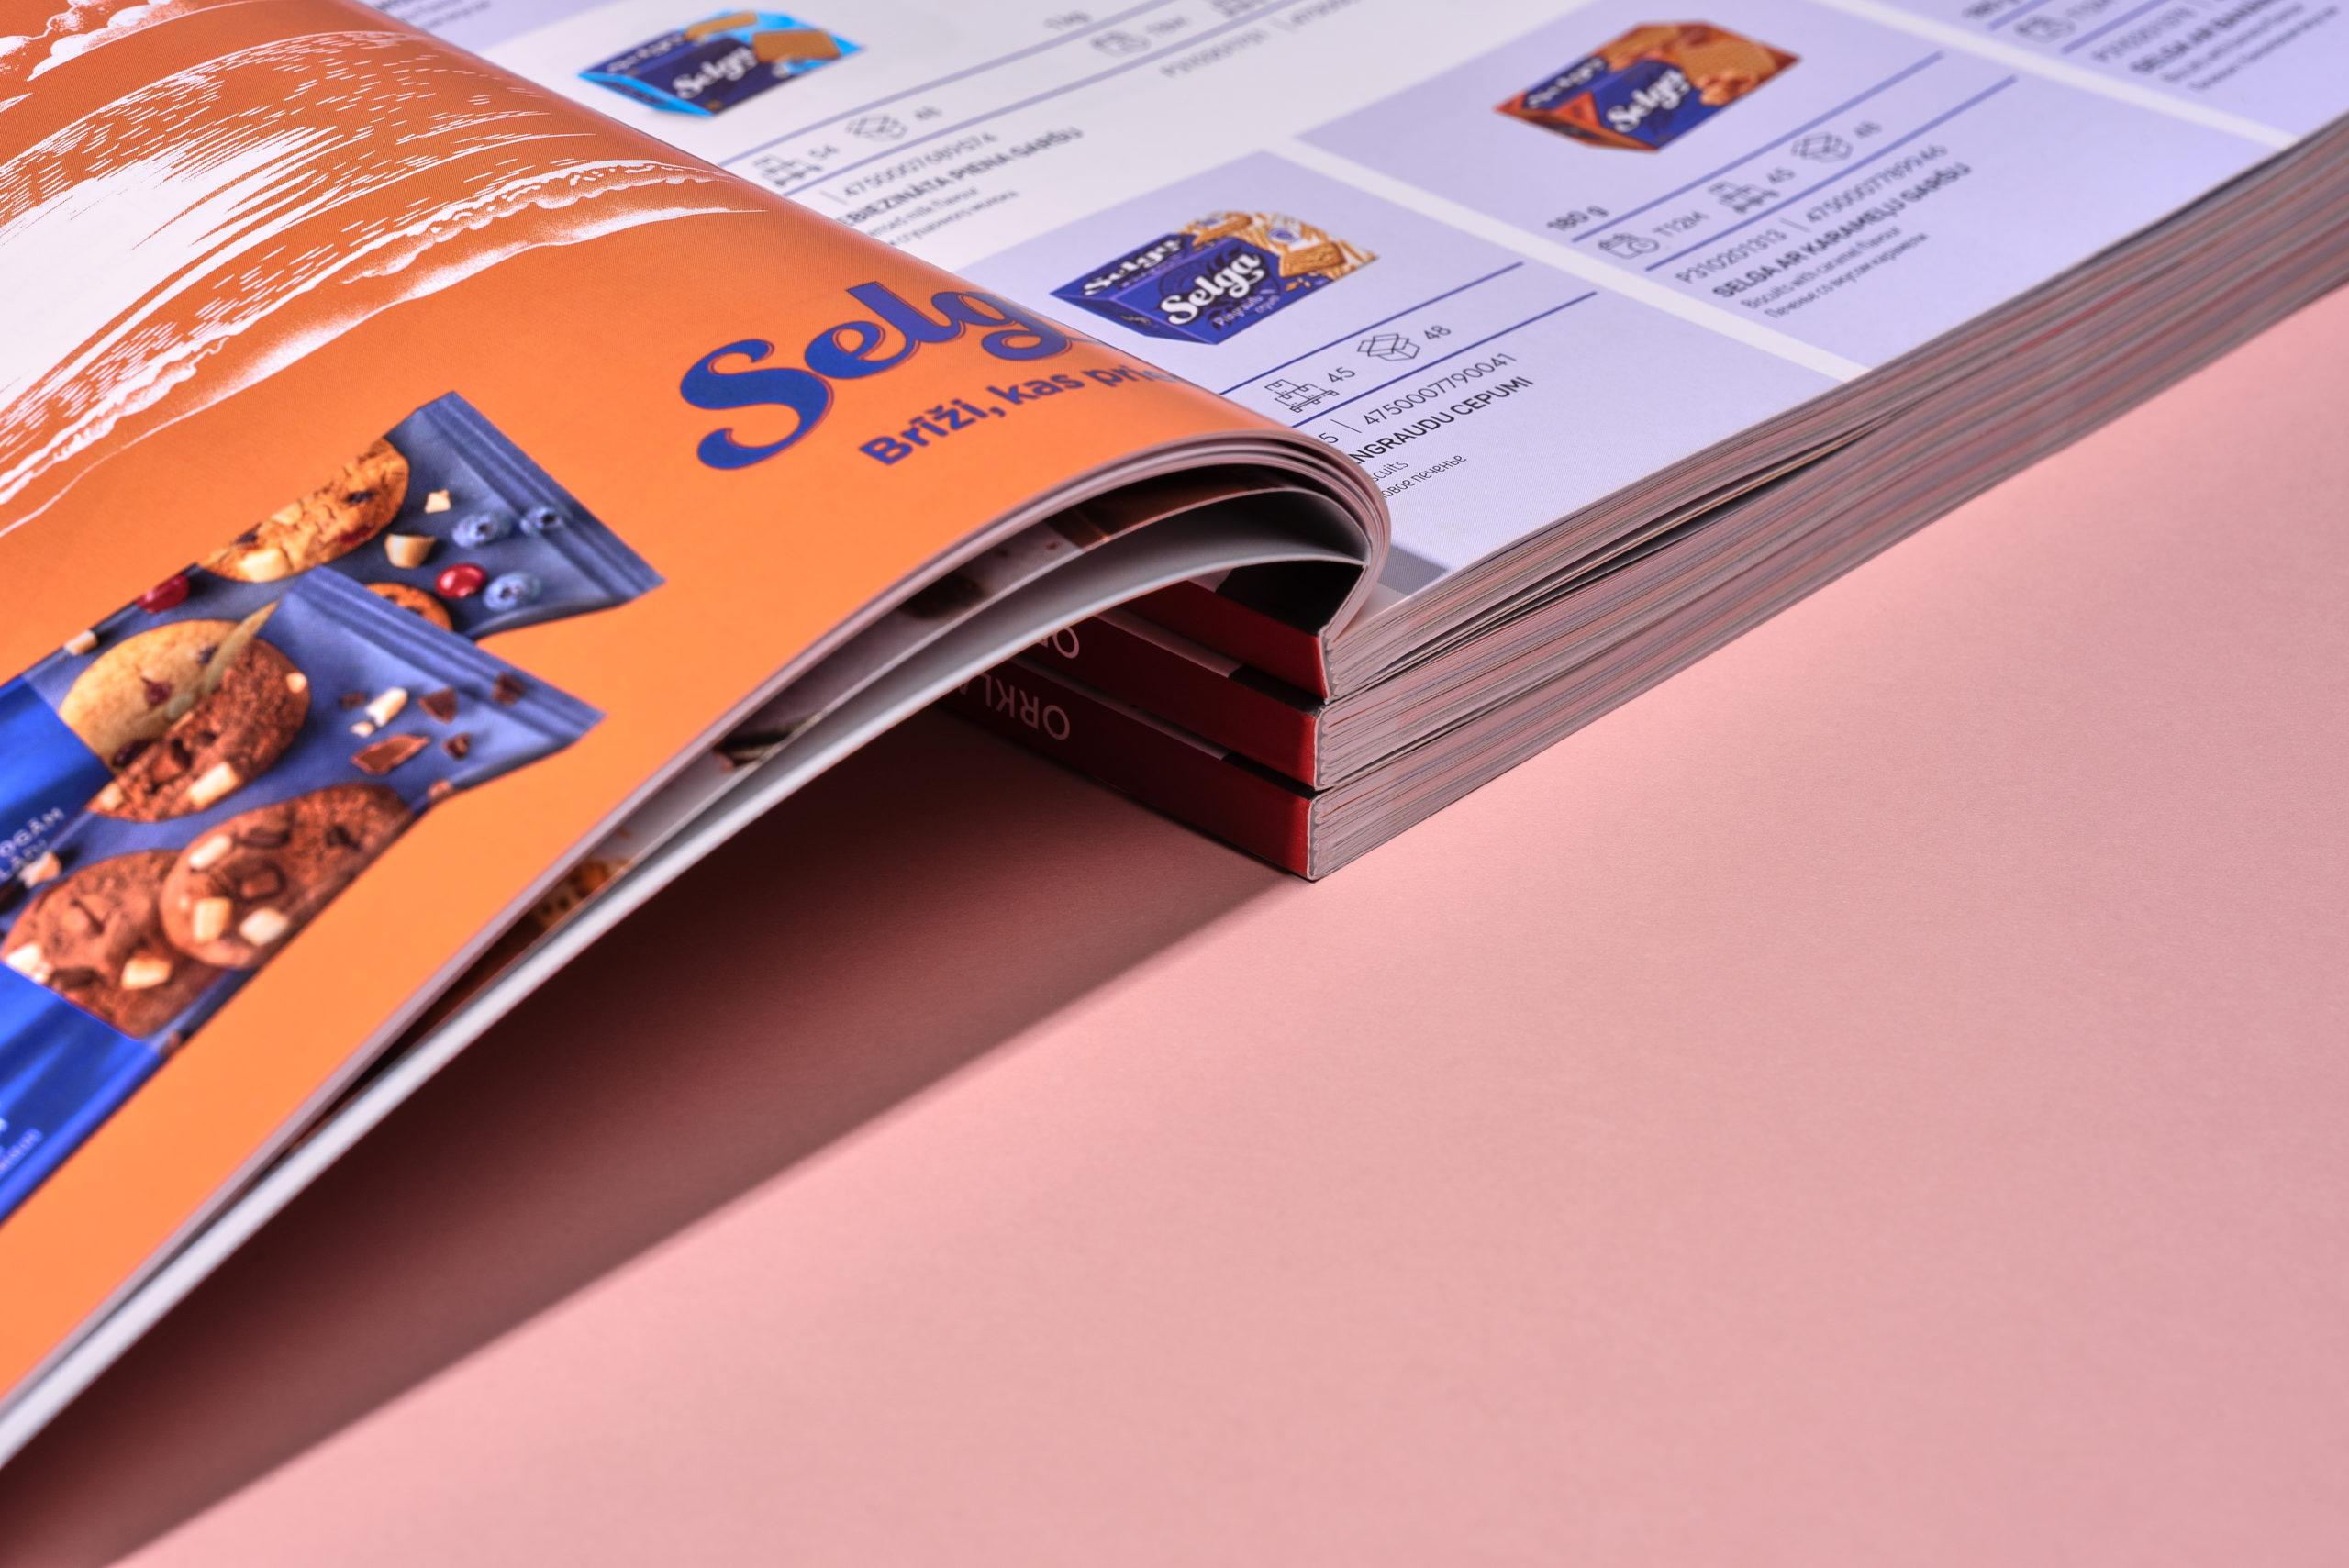 Produkcijas katalogs. Pasūtītājs – Orkla Latvija